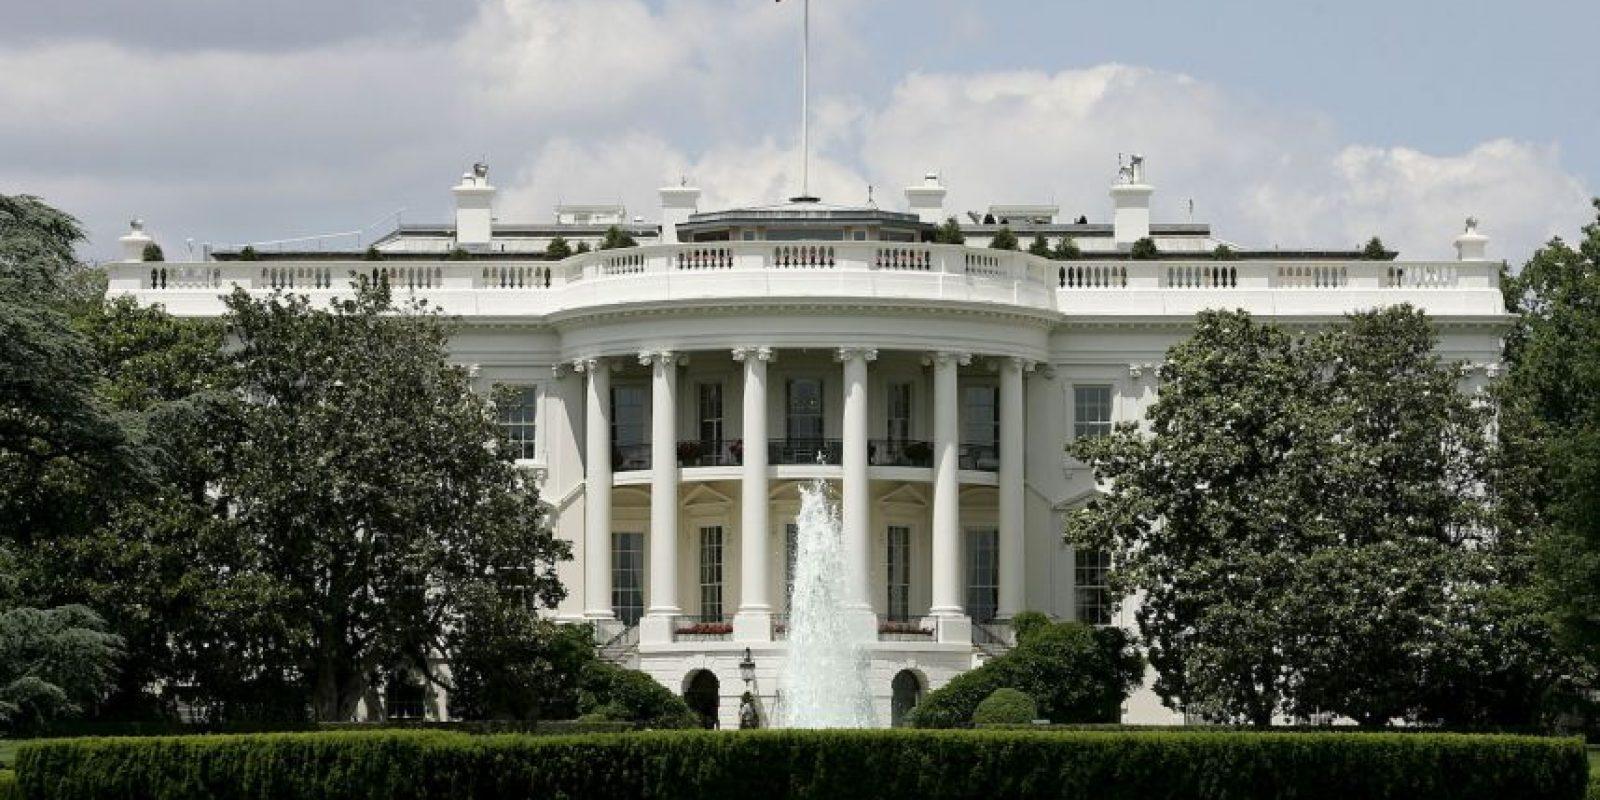 En octubre la Casa Blanca sufrió un ciber ataque del que el gobierno aseguro que solo se filtro información descalificada. Foto:Getty Images